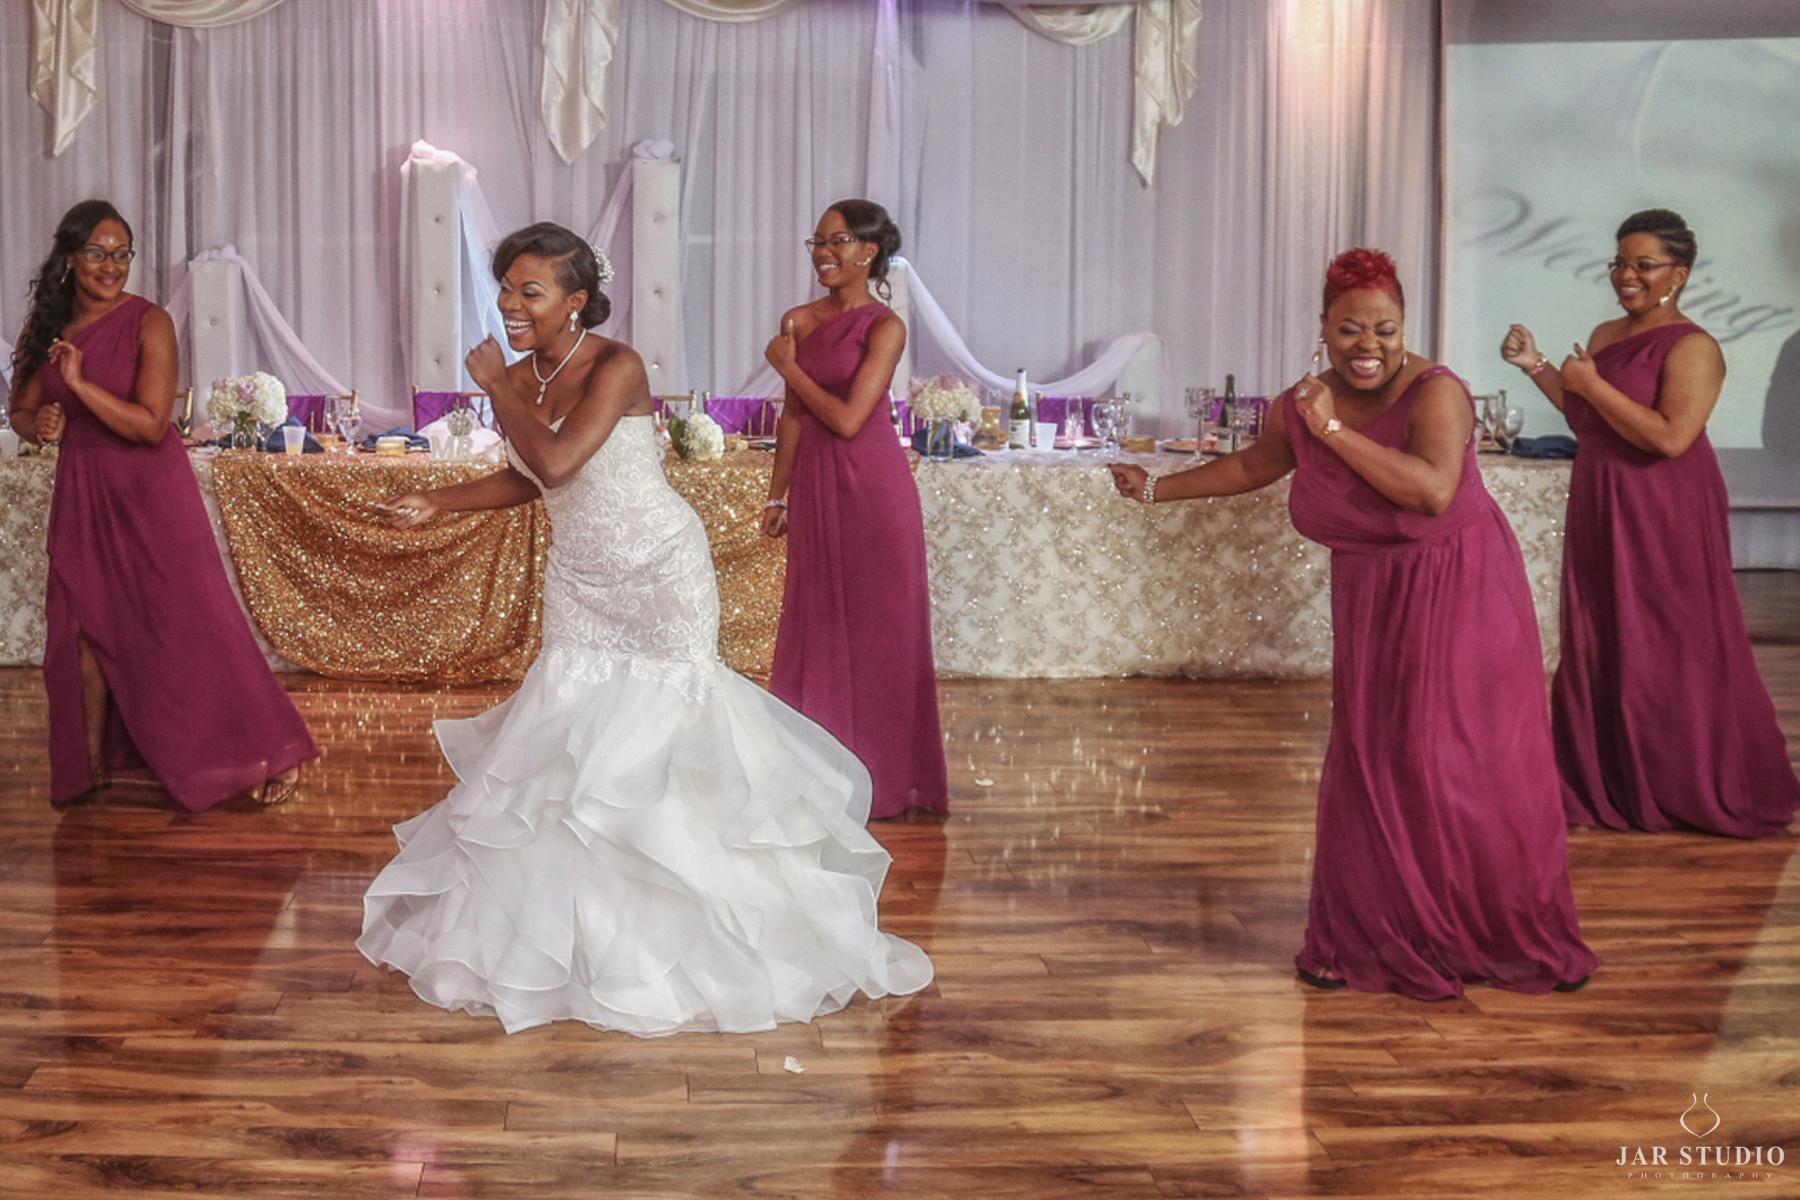 40-jarstudio-wedding-photographer.JPG